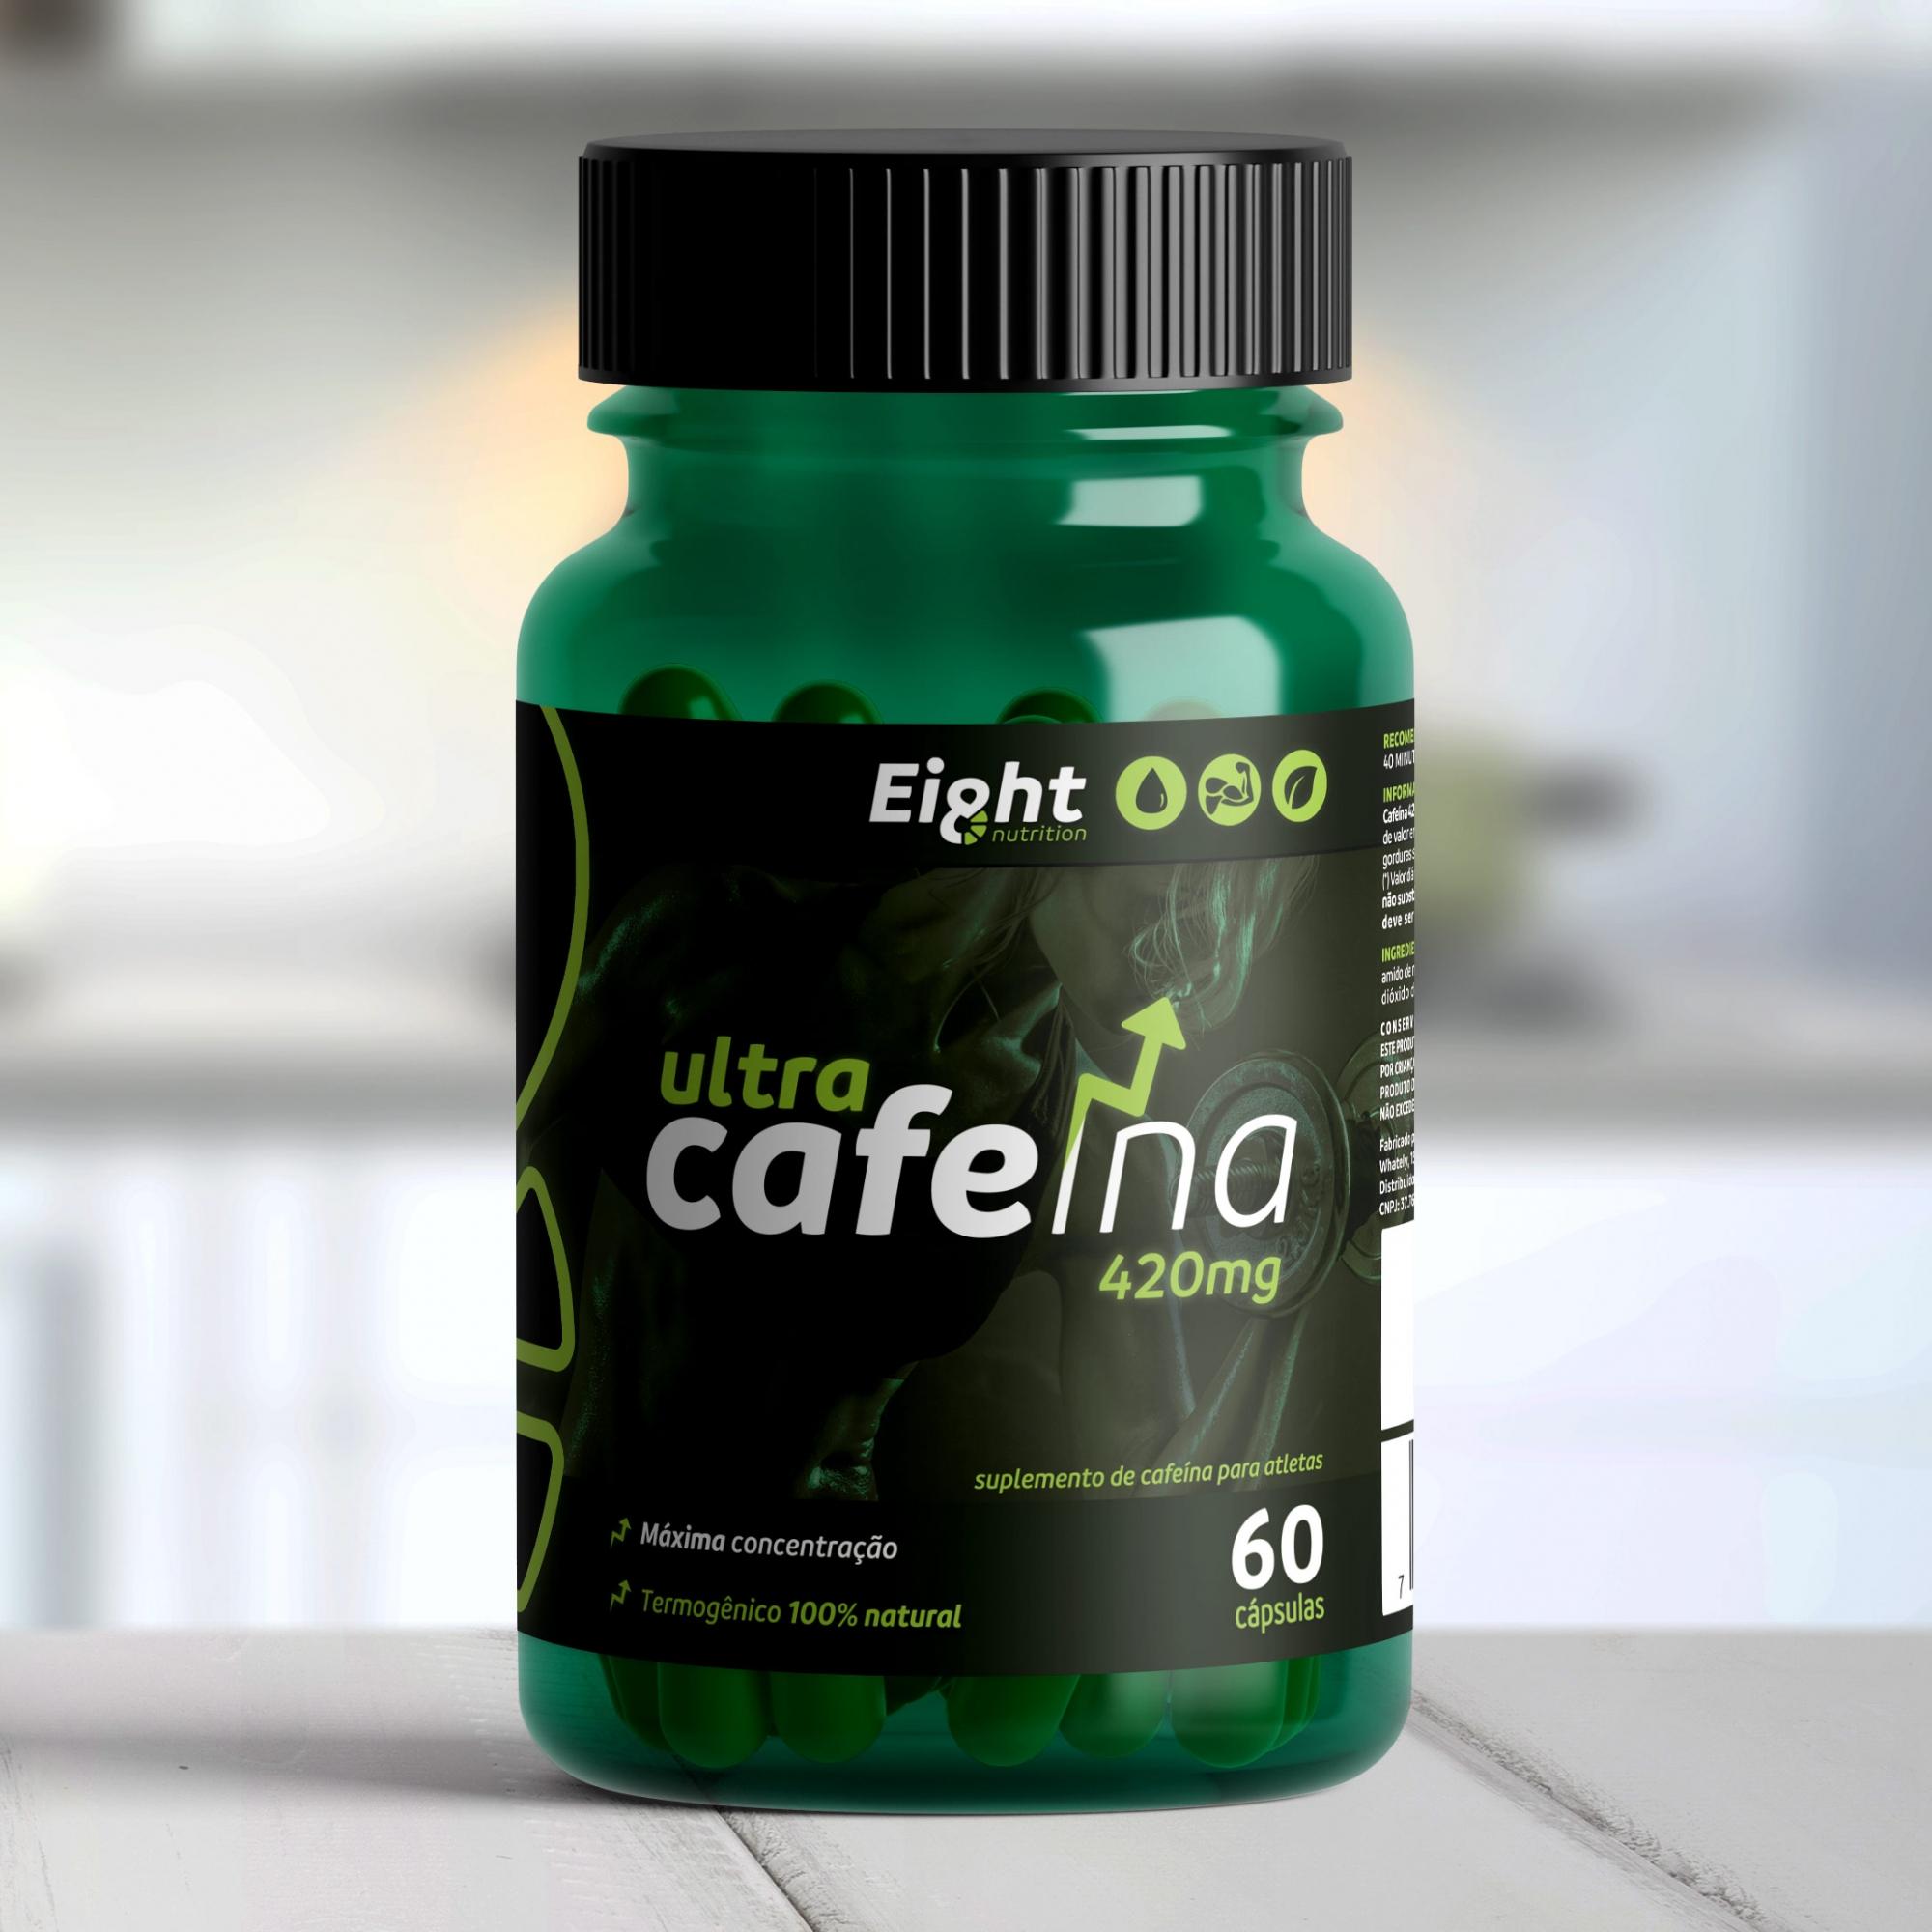 Cafeína ULTRA 420mg 60 cápsulas (Eight Nutrition)